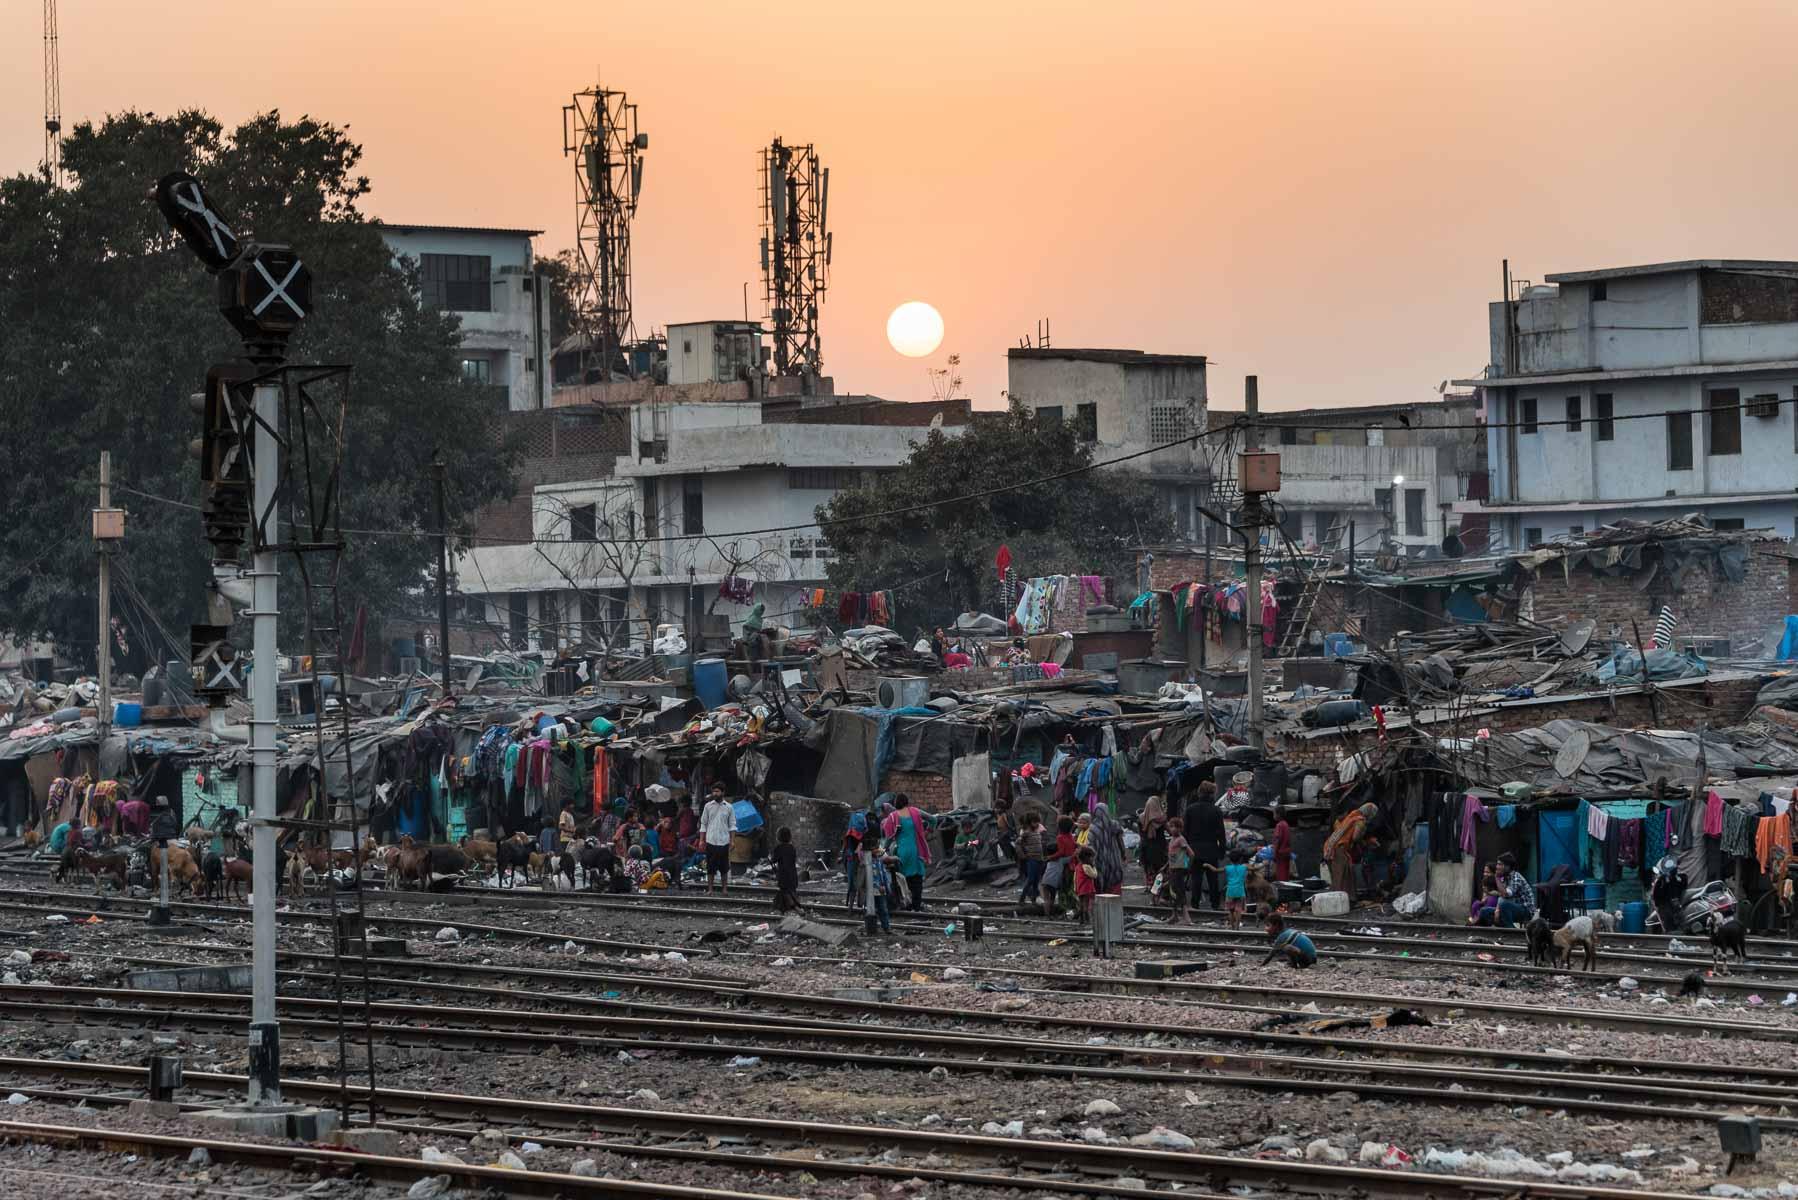 Christian Meixner Fotografie, Fotograf Zürich, Indien, New Delhi, Reisen, Reisefotografie